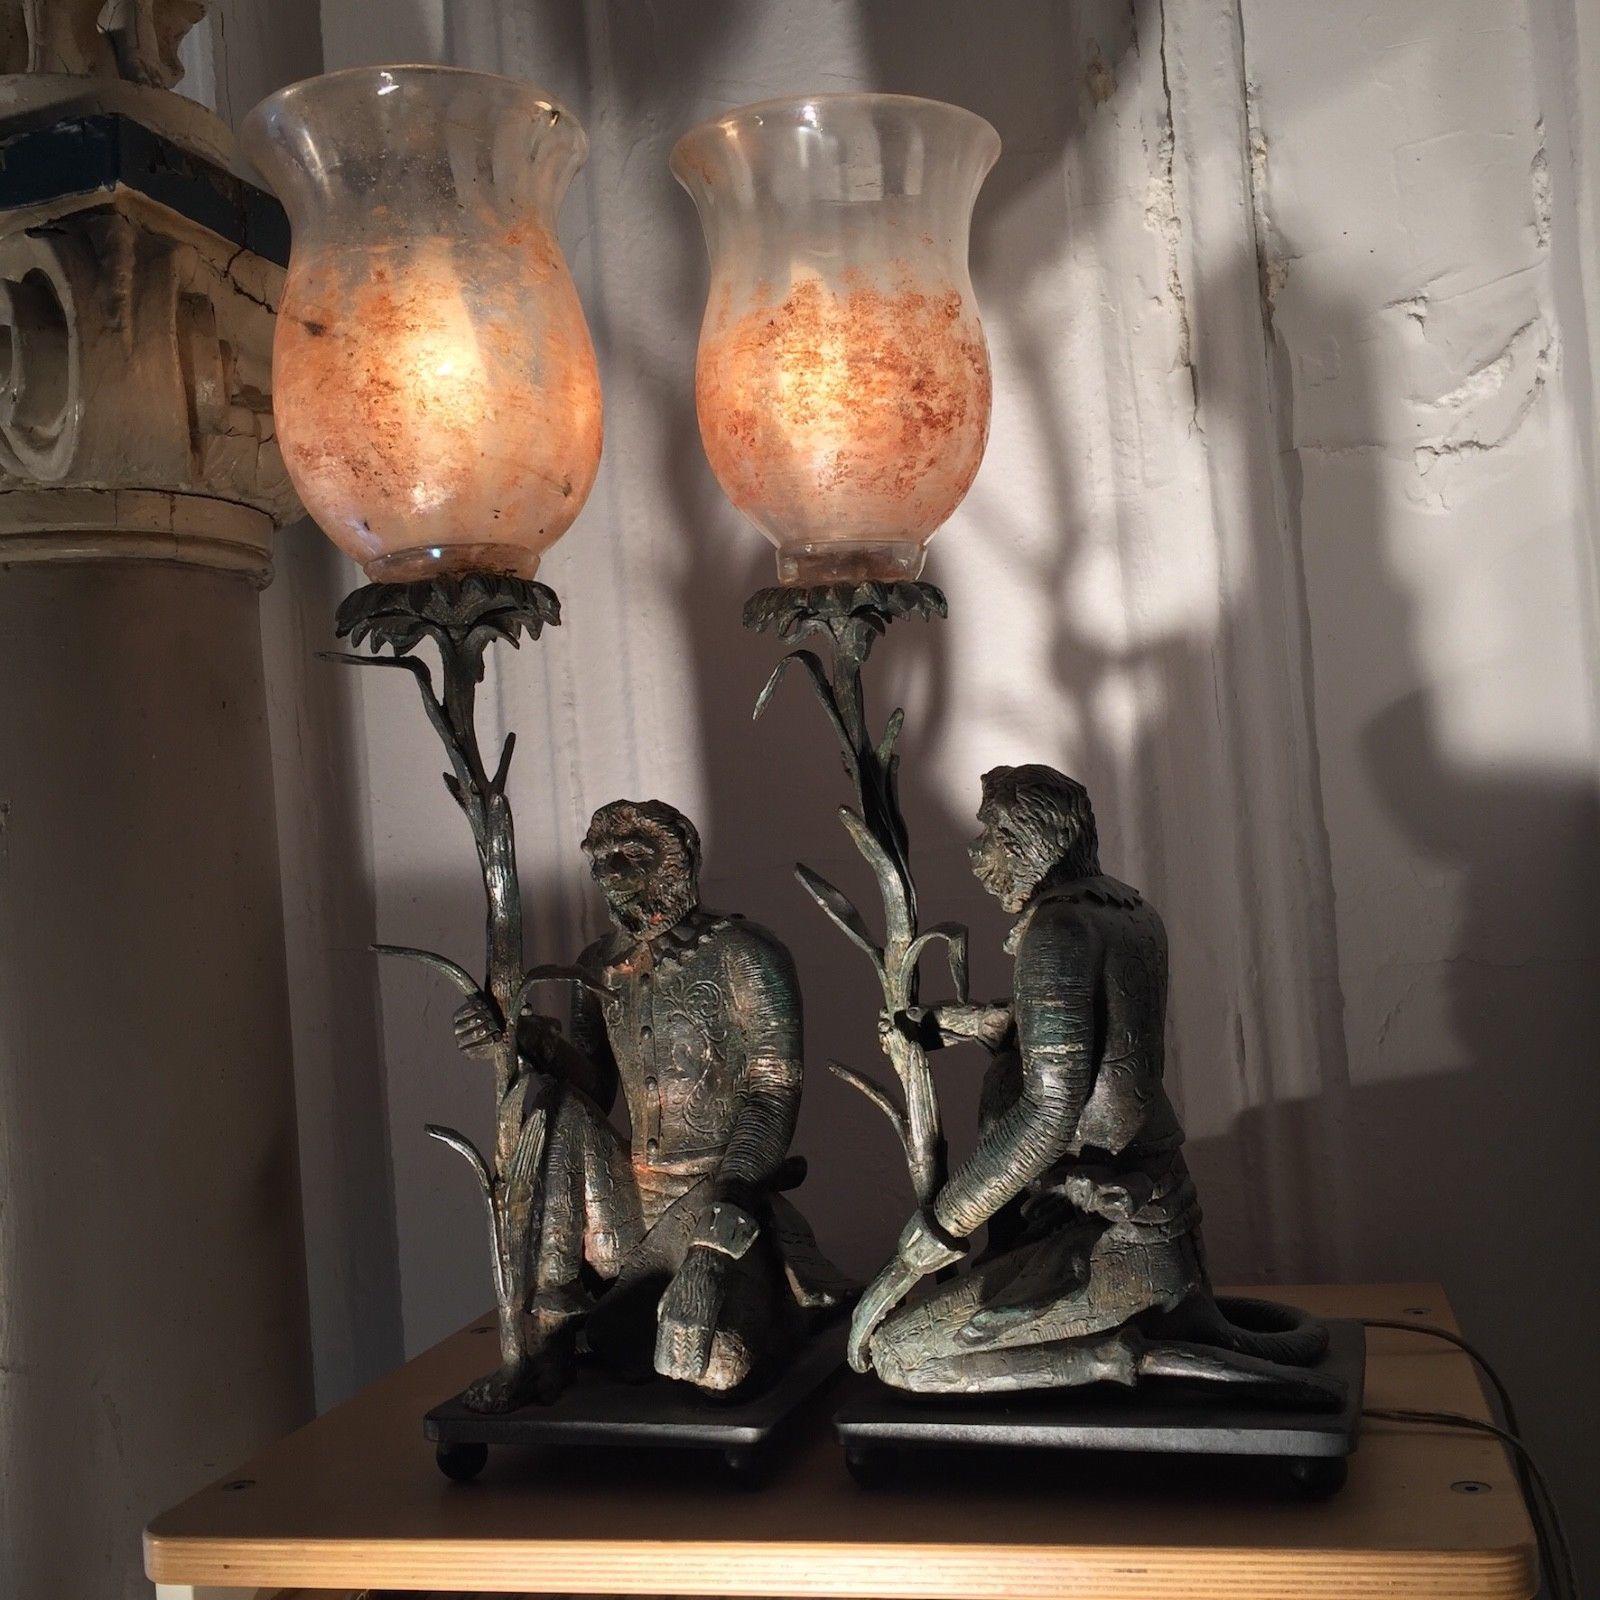 11961334101c S l1600. S l1600. PAIR ANTIQUE MONKEY LAMPS CAST IRON VICTORIAN GLASS HAND  PAINTED SHADES MONKEYS. PAIR ANTIQUE MONKEY ...